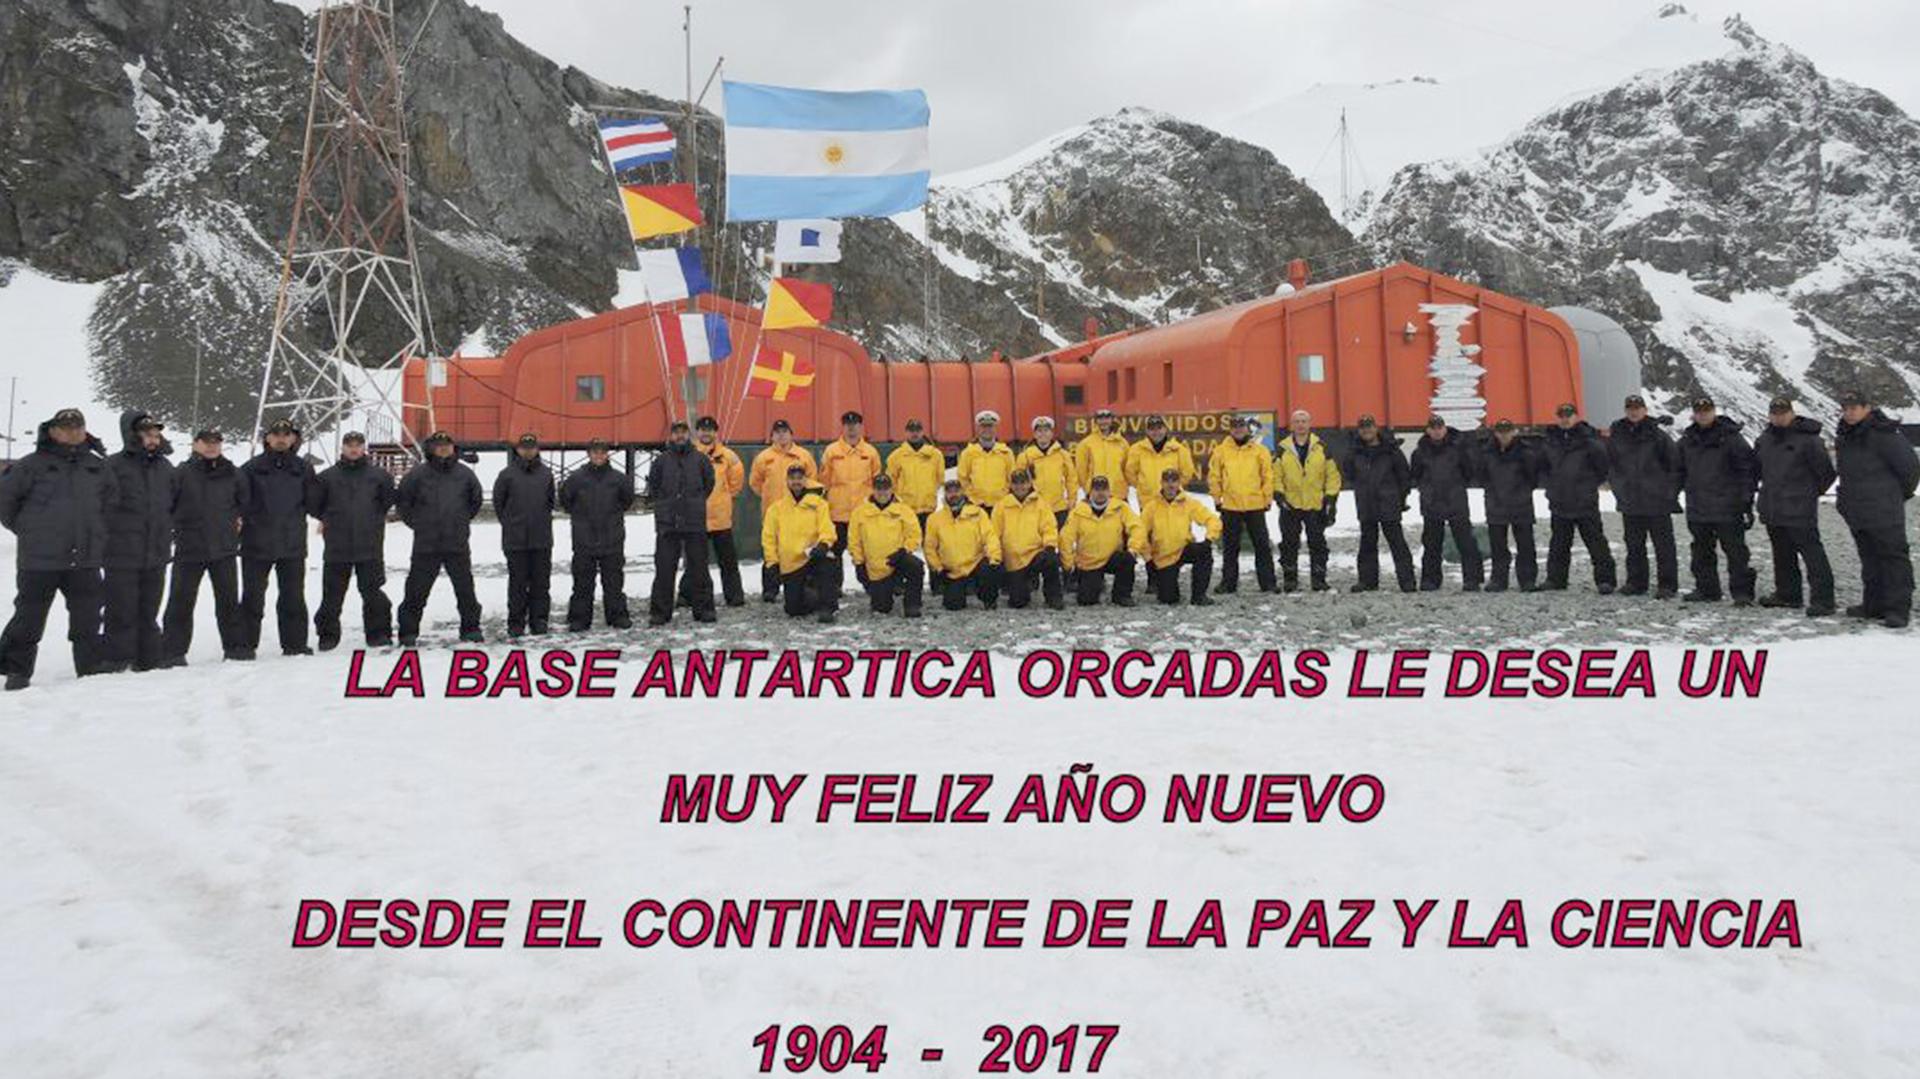 Base Antártica Orcadas, Antartida Argentina